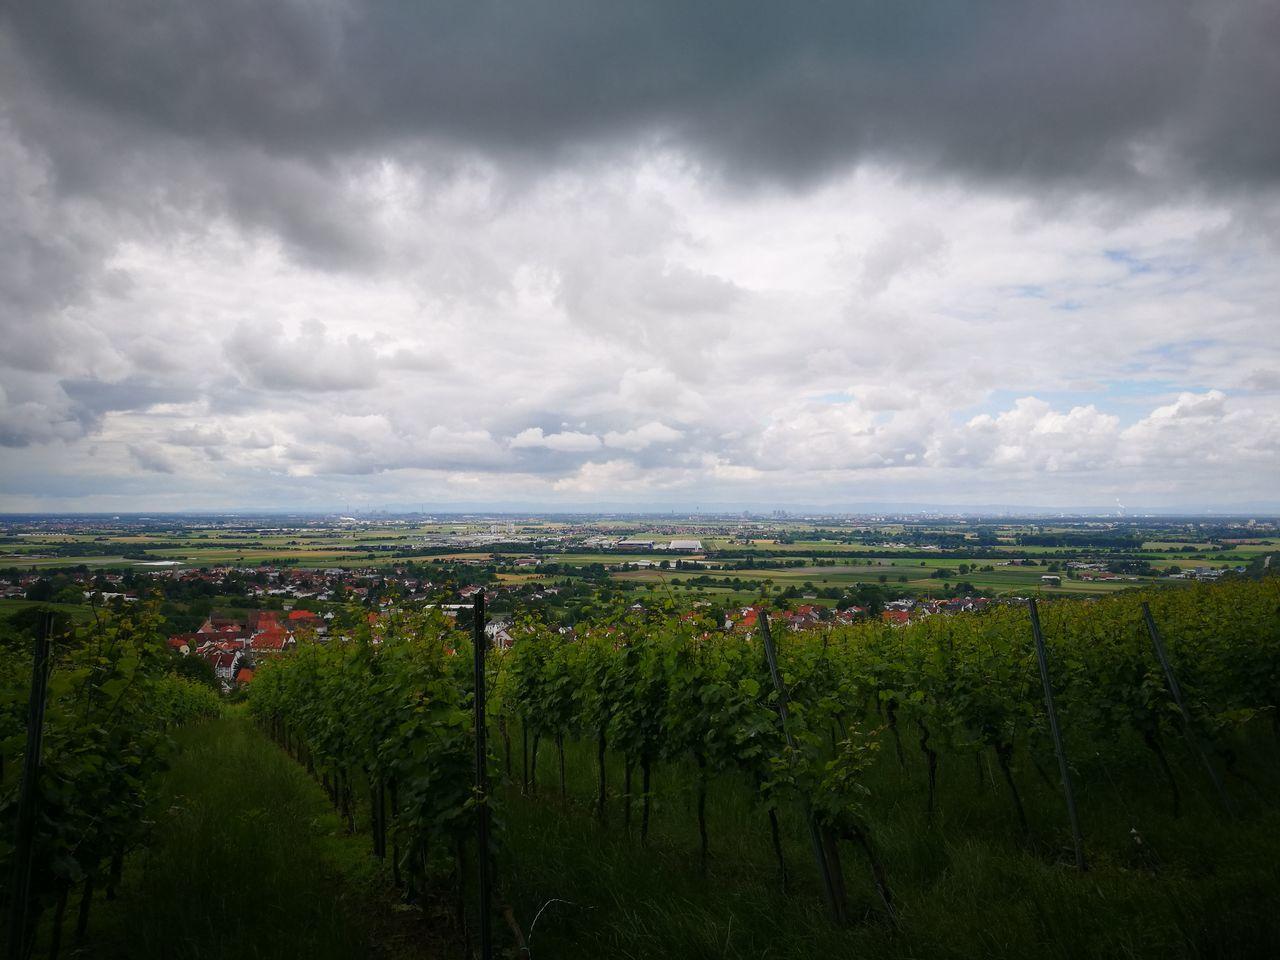 Summer 2016 Dark Clouds Vineyard Reben Schlechtes Wetter Wolken Hohensachsen Weinheim Burgenweg Wein